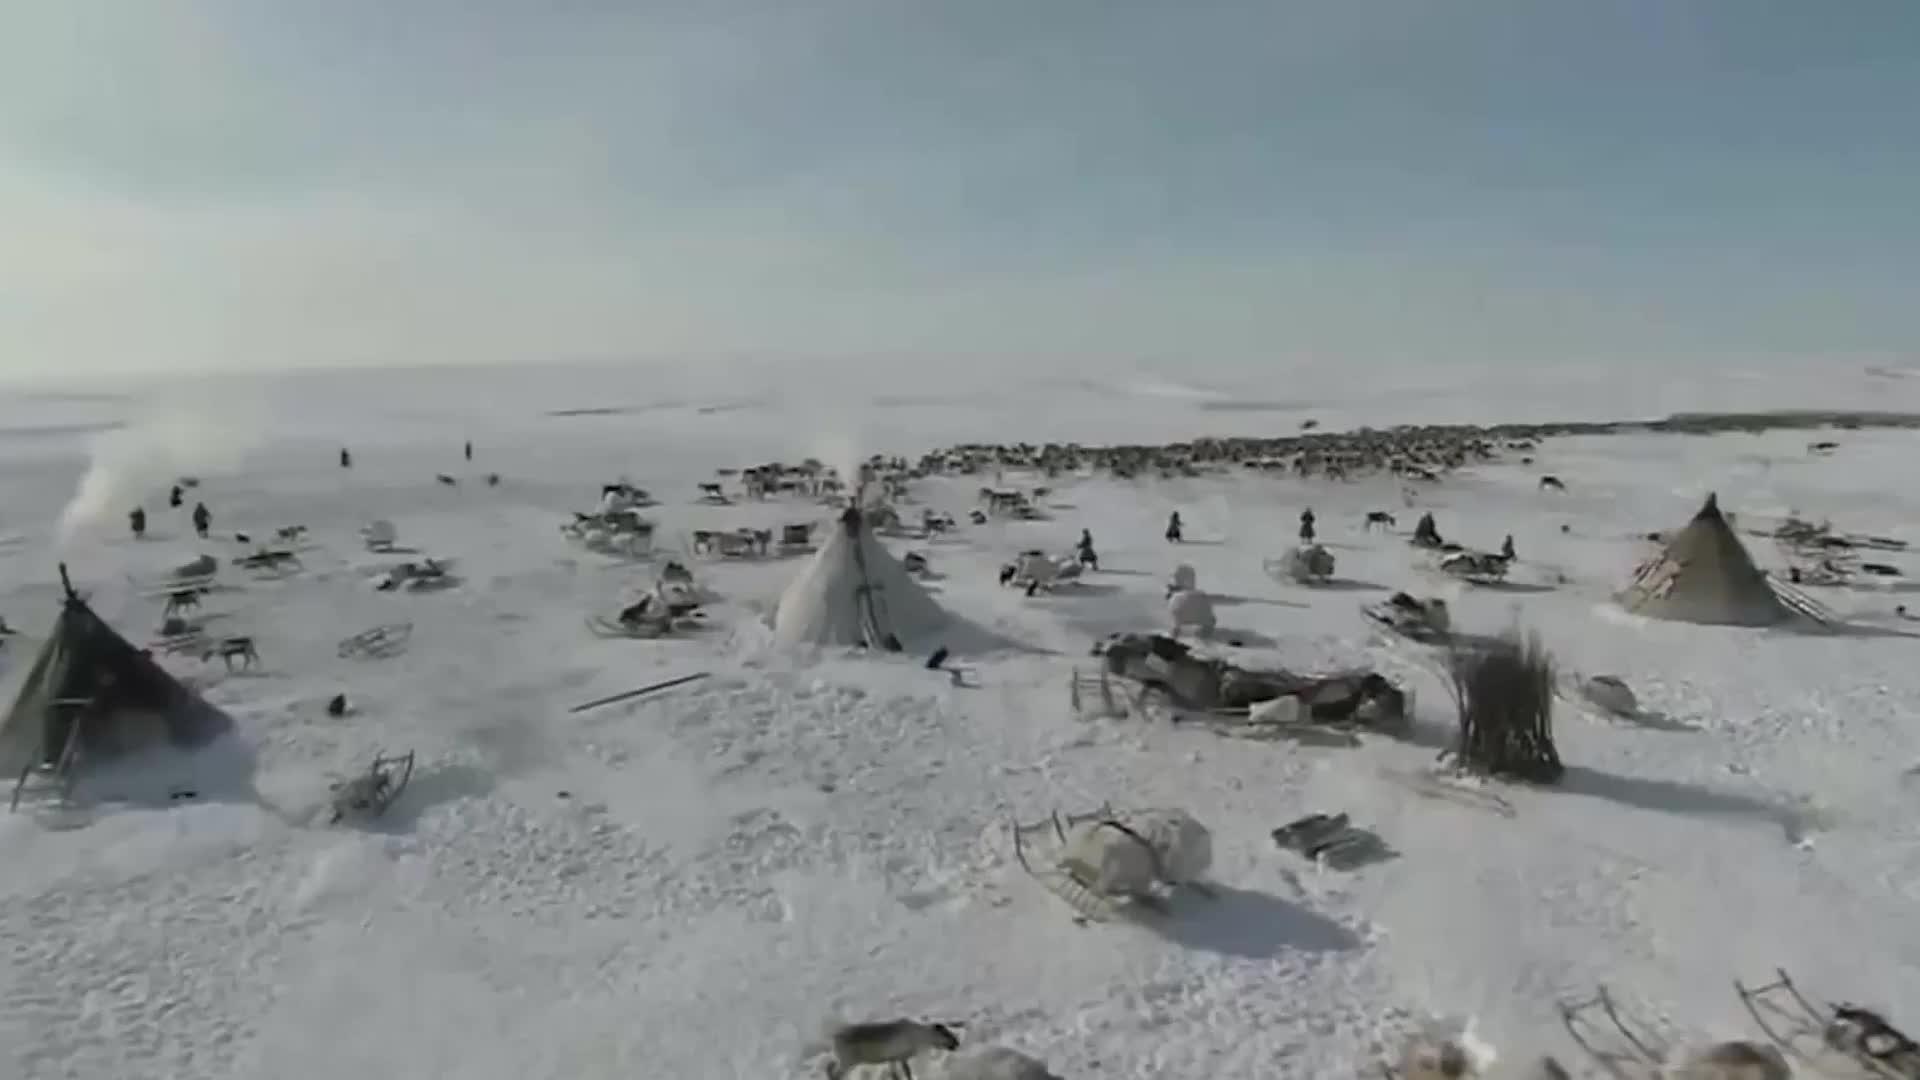 北极圈因纽特人吃海豹,就像吃白米饭,一般人都不敢相信